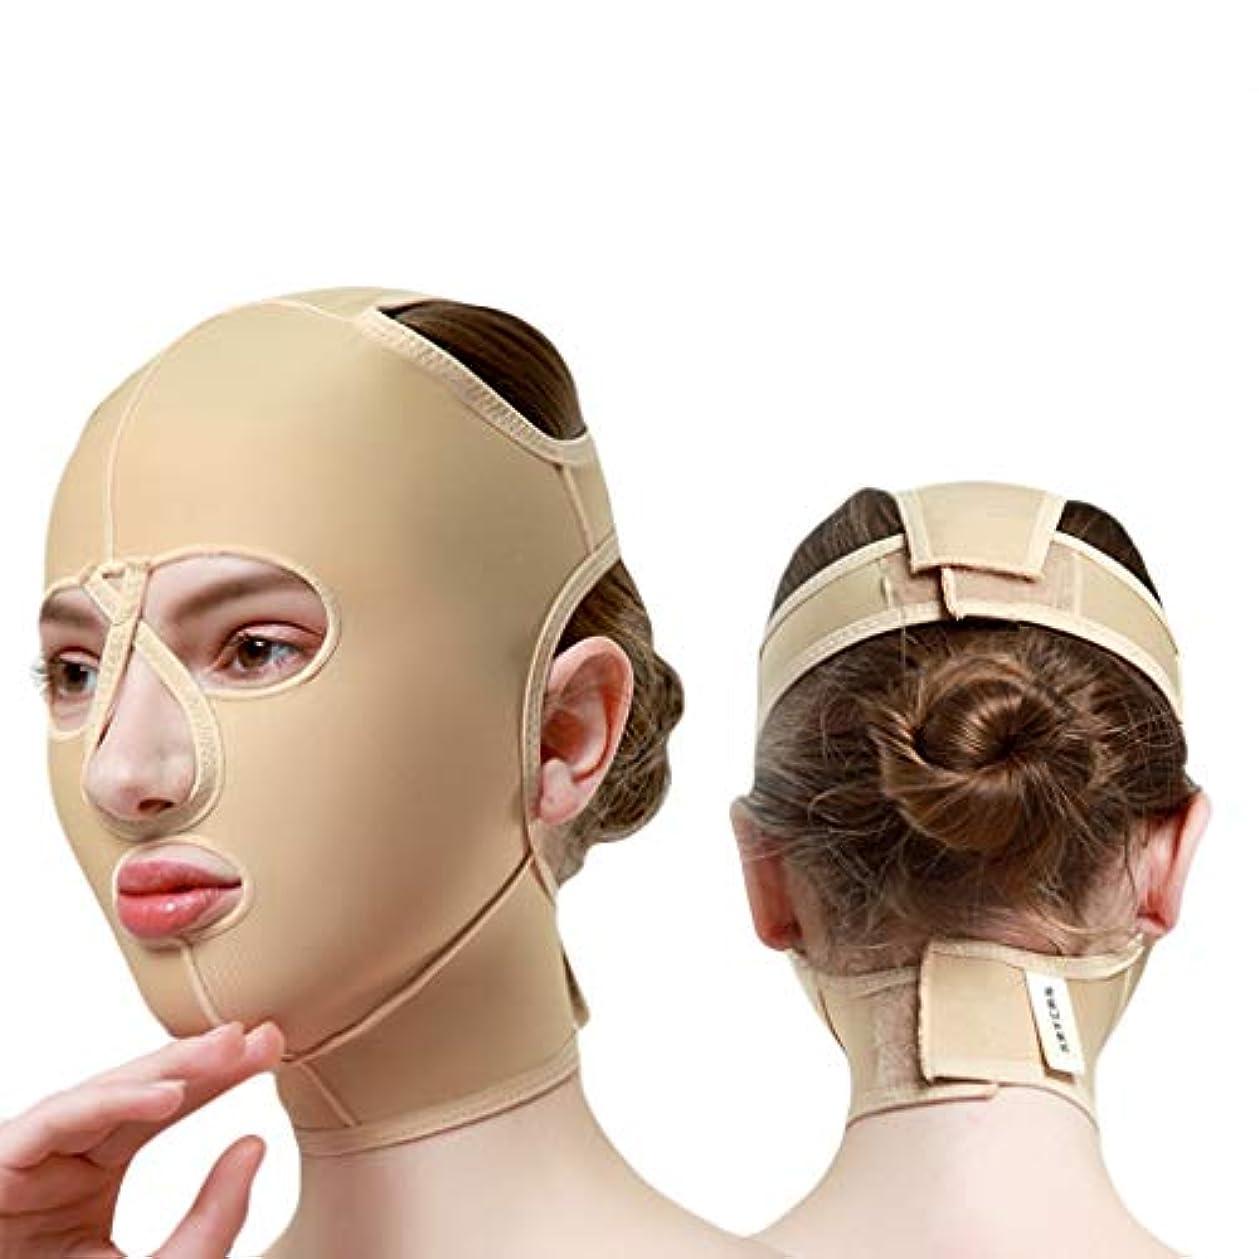 ペルー午後路面電車XHLMRMJ あごのストラップ、顔の彫刻ツール、リフティングマスク、ダブルチンリデューサー、フェイスリフティングエラスティックマスク女性 (Size : XL)